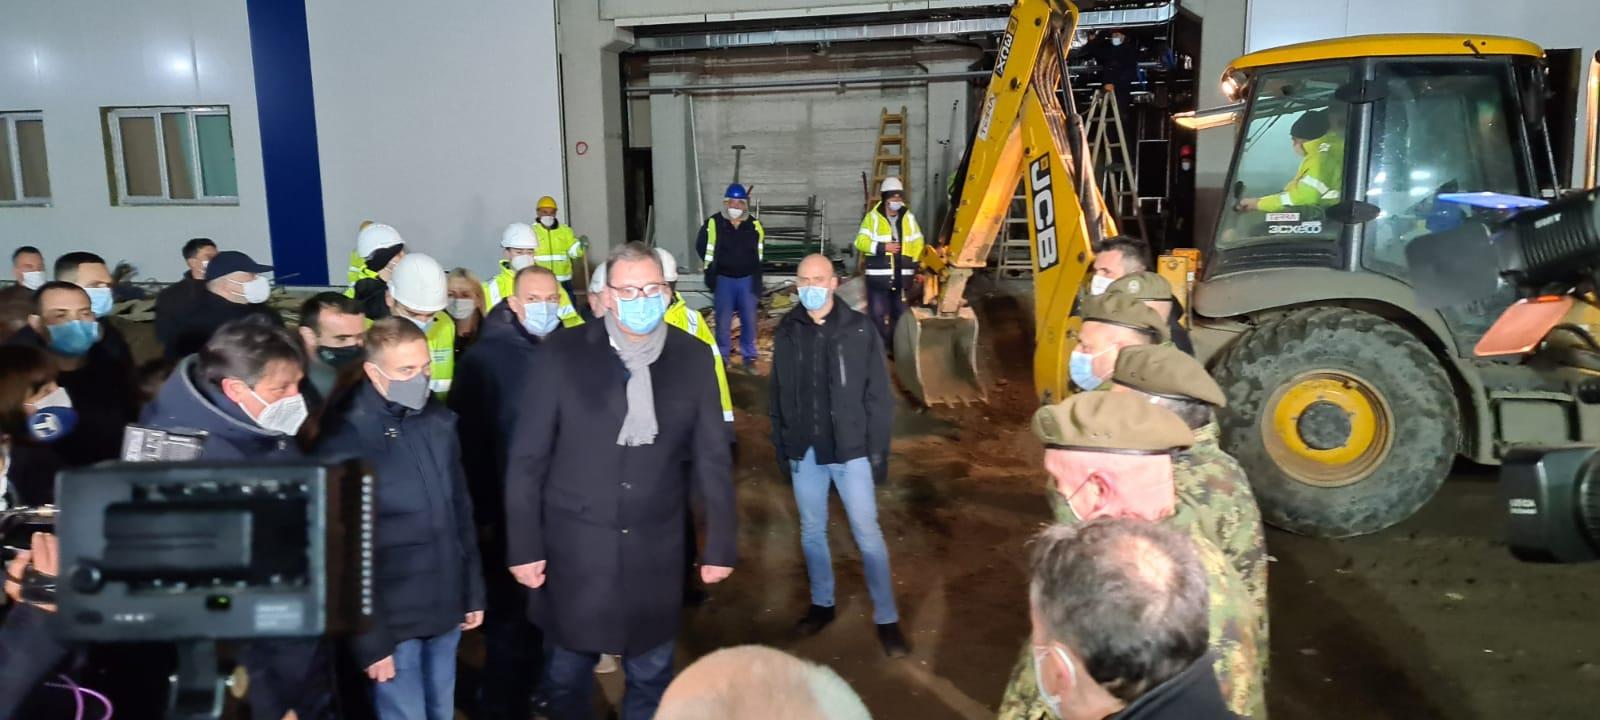 Predsednik Srbije Aleksandar Vucic u obilasku radova na izgradnji Covid bolnice u Krusevcu.